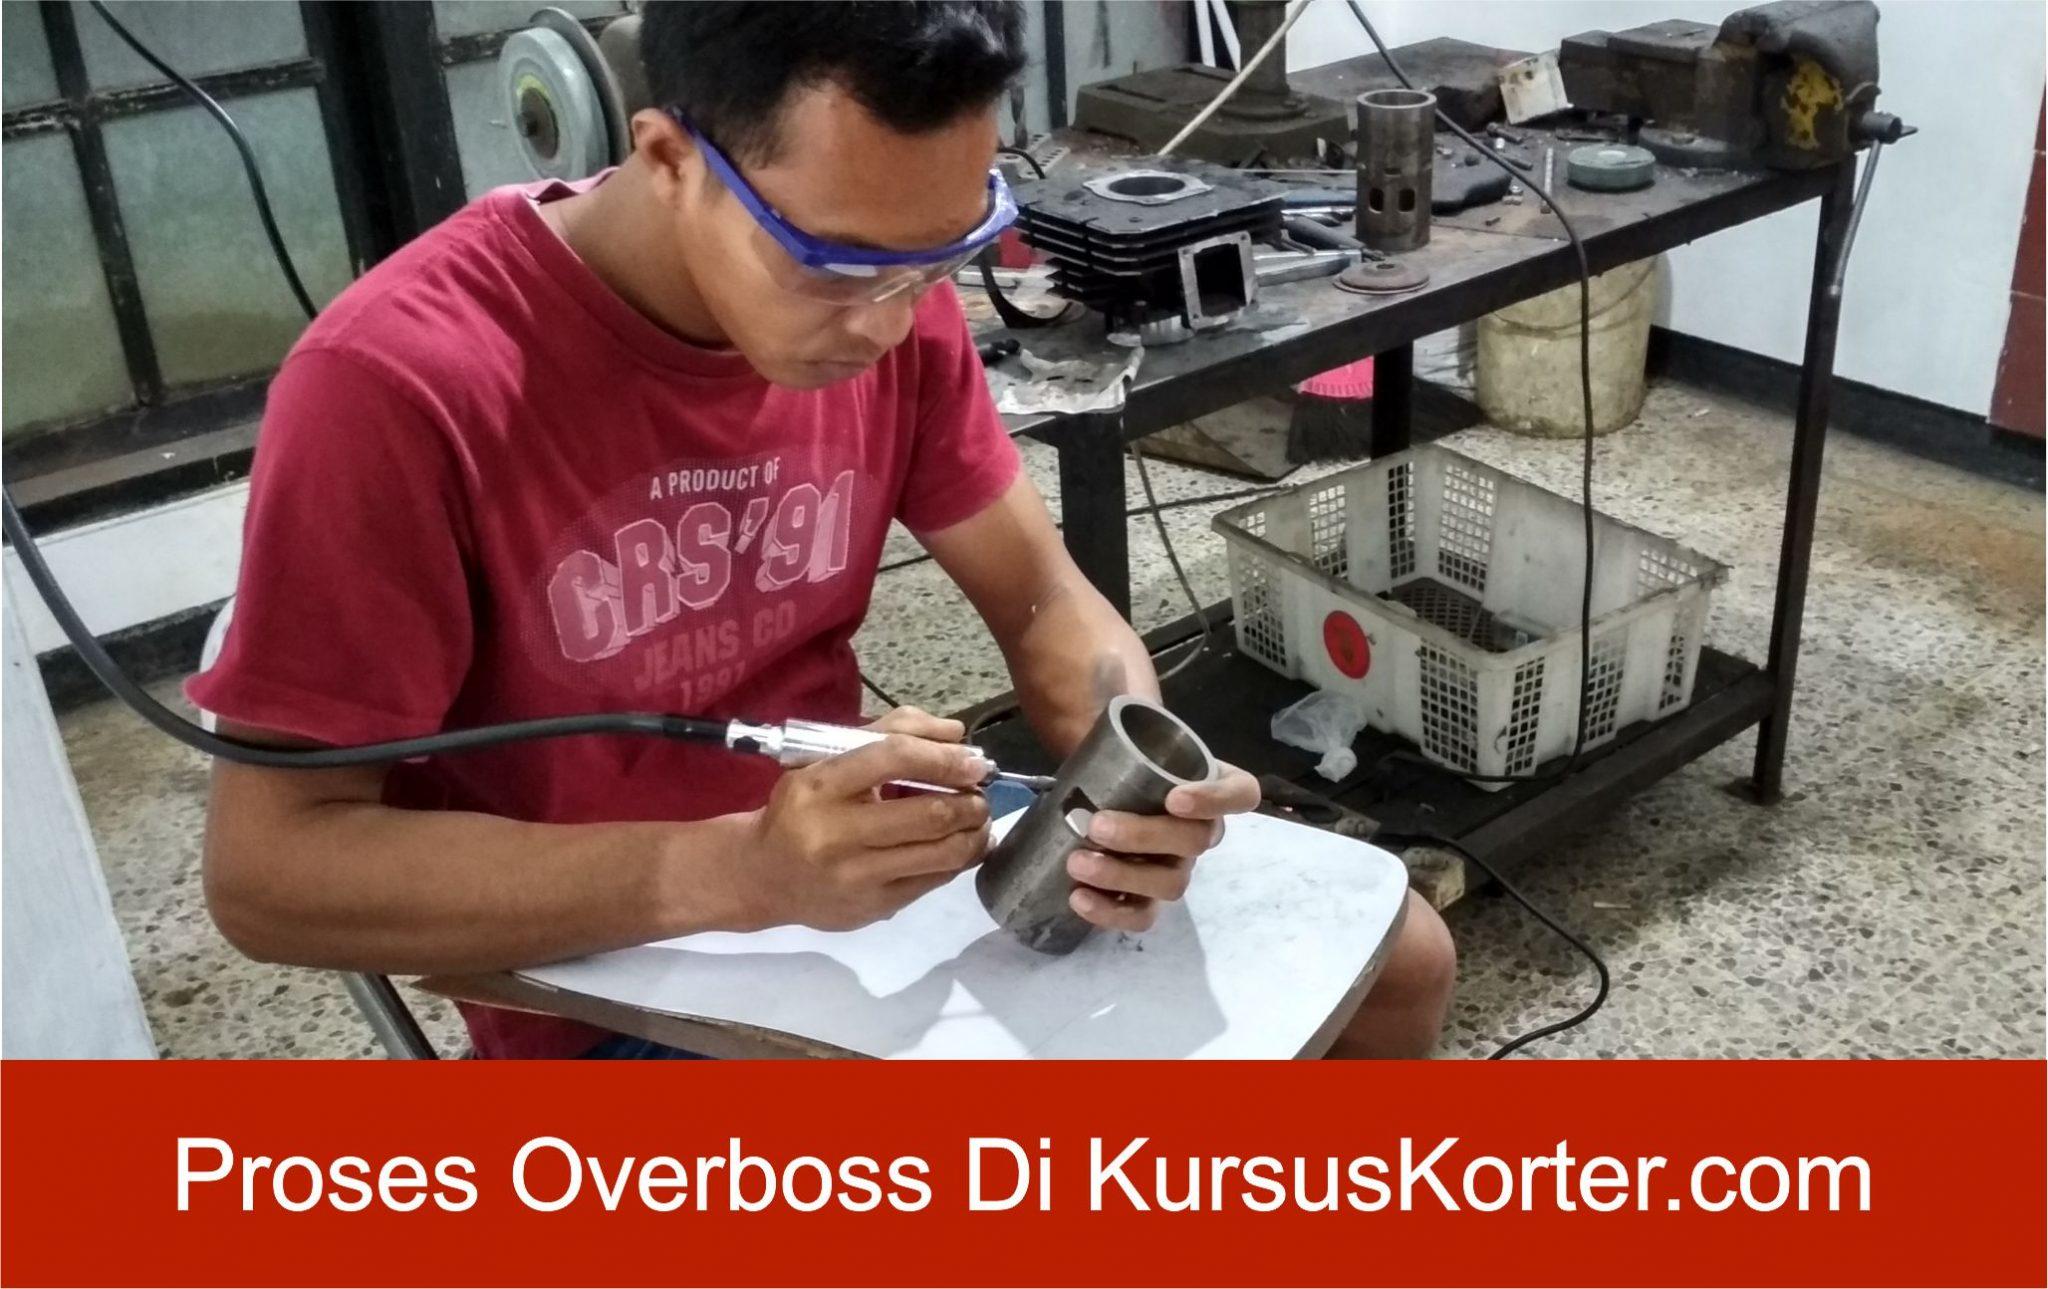 Proses Belajar Overboss Mesin di KursusKorter.com